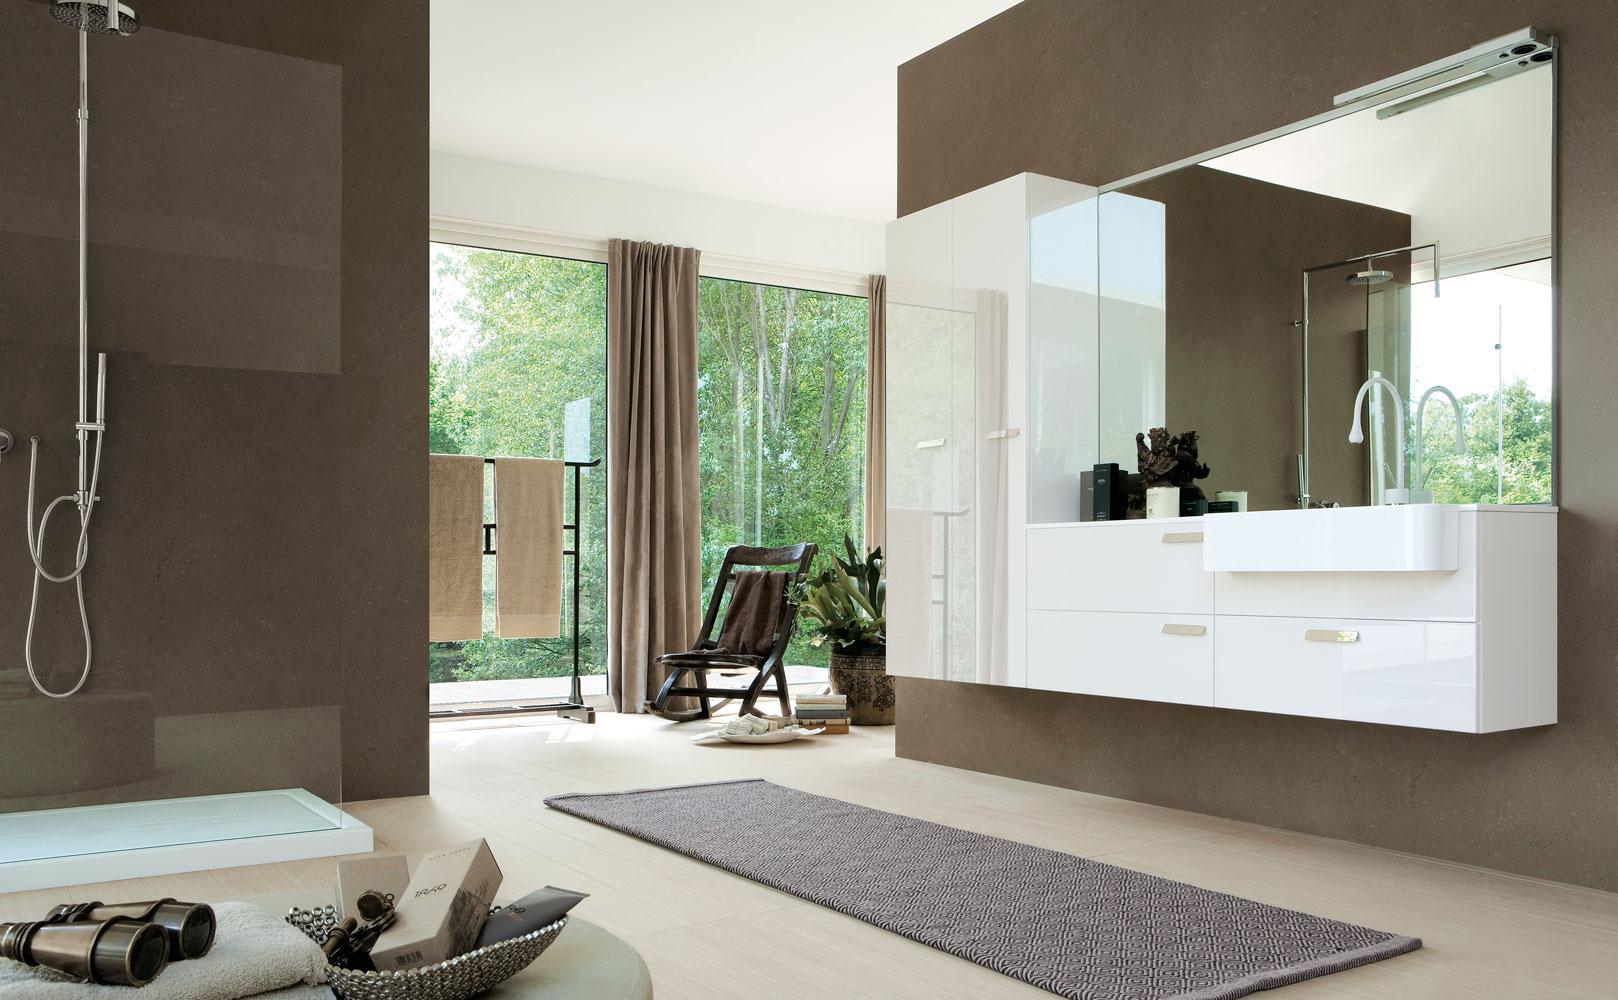 My fly evo arredobagno moderno mobili e accessori bagno for Mobili bagno moderni